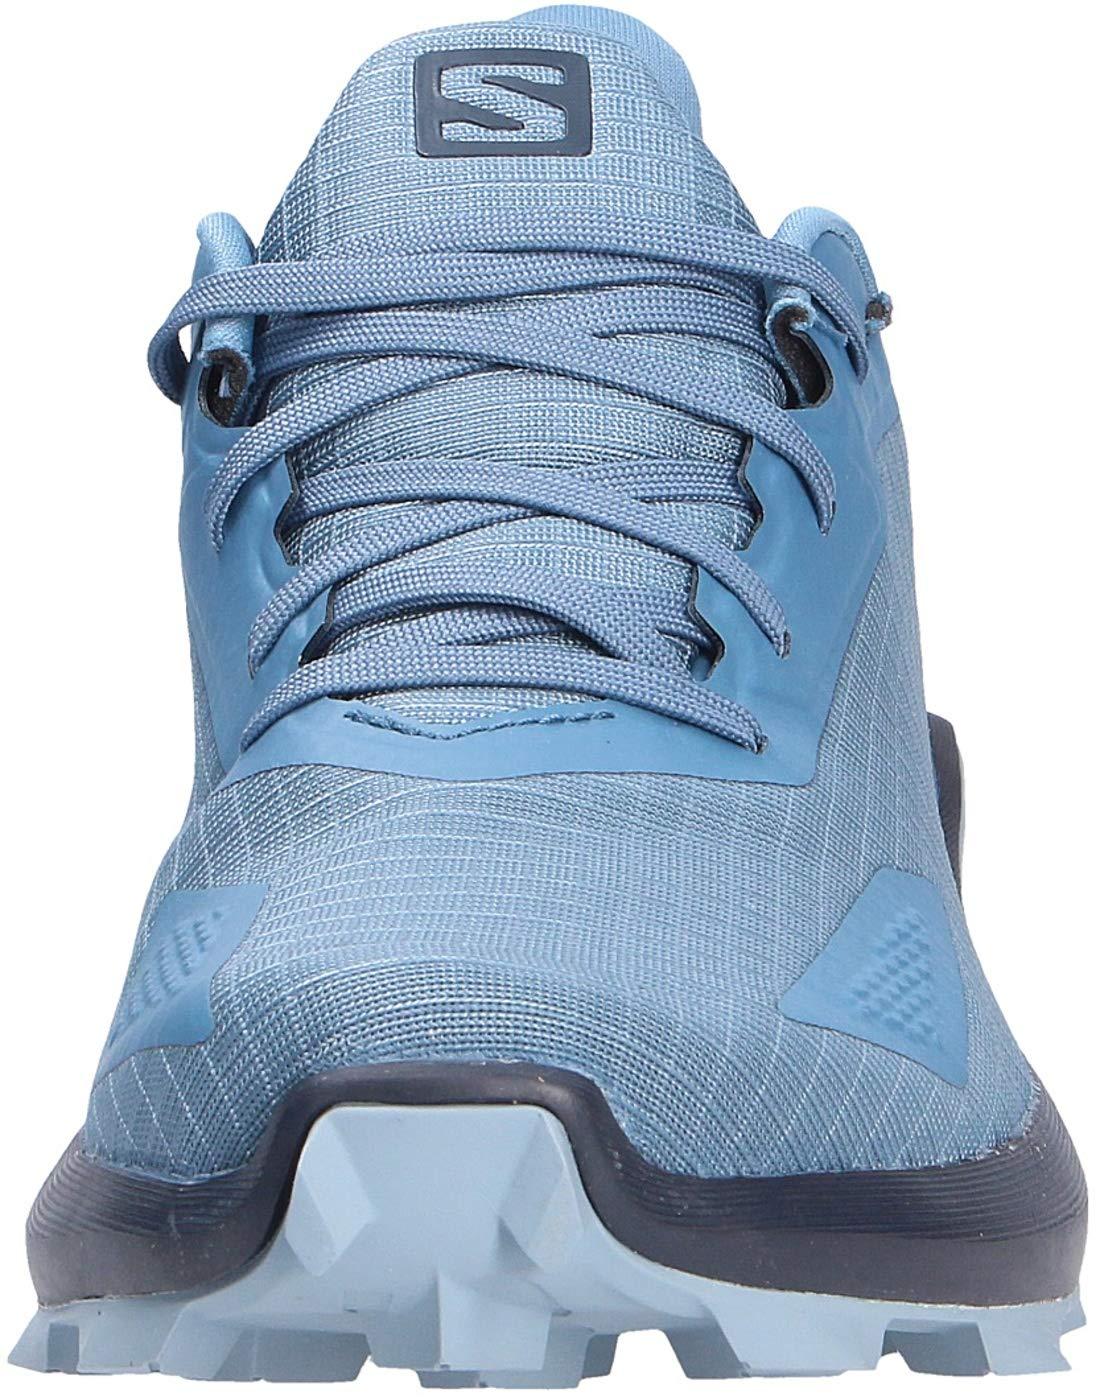 Salomon ALPHACROSS Blast GTX W, Zapatillas de Trail Running para Mujer, Negro (Black/Black/Black), 36 EU: Amazon.es: Zapatos y complementos